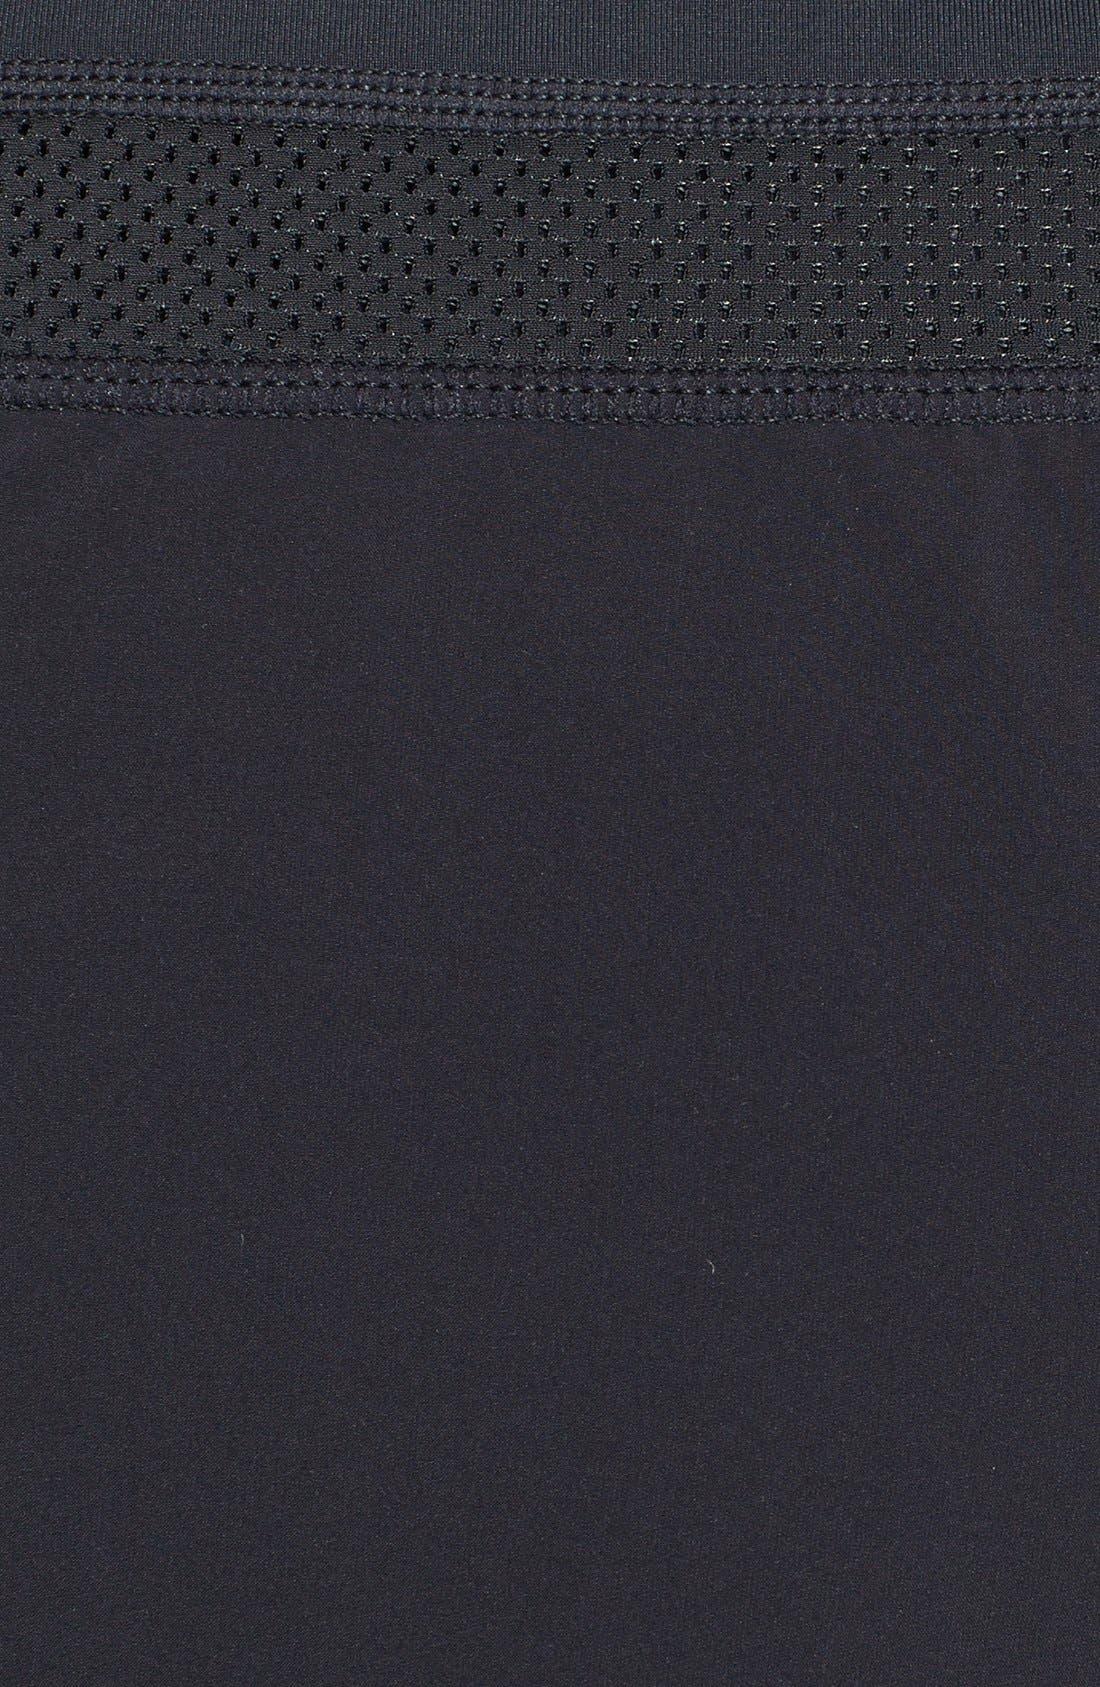 Alternate Image 4  - Zella 'Sidelight' Track Skirt